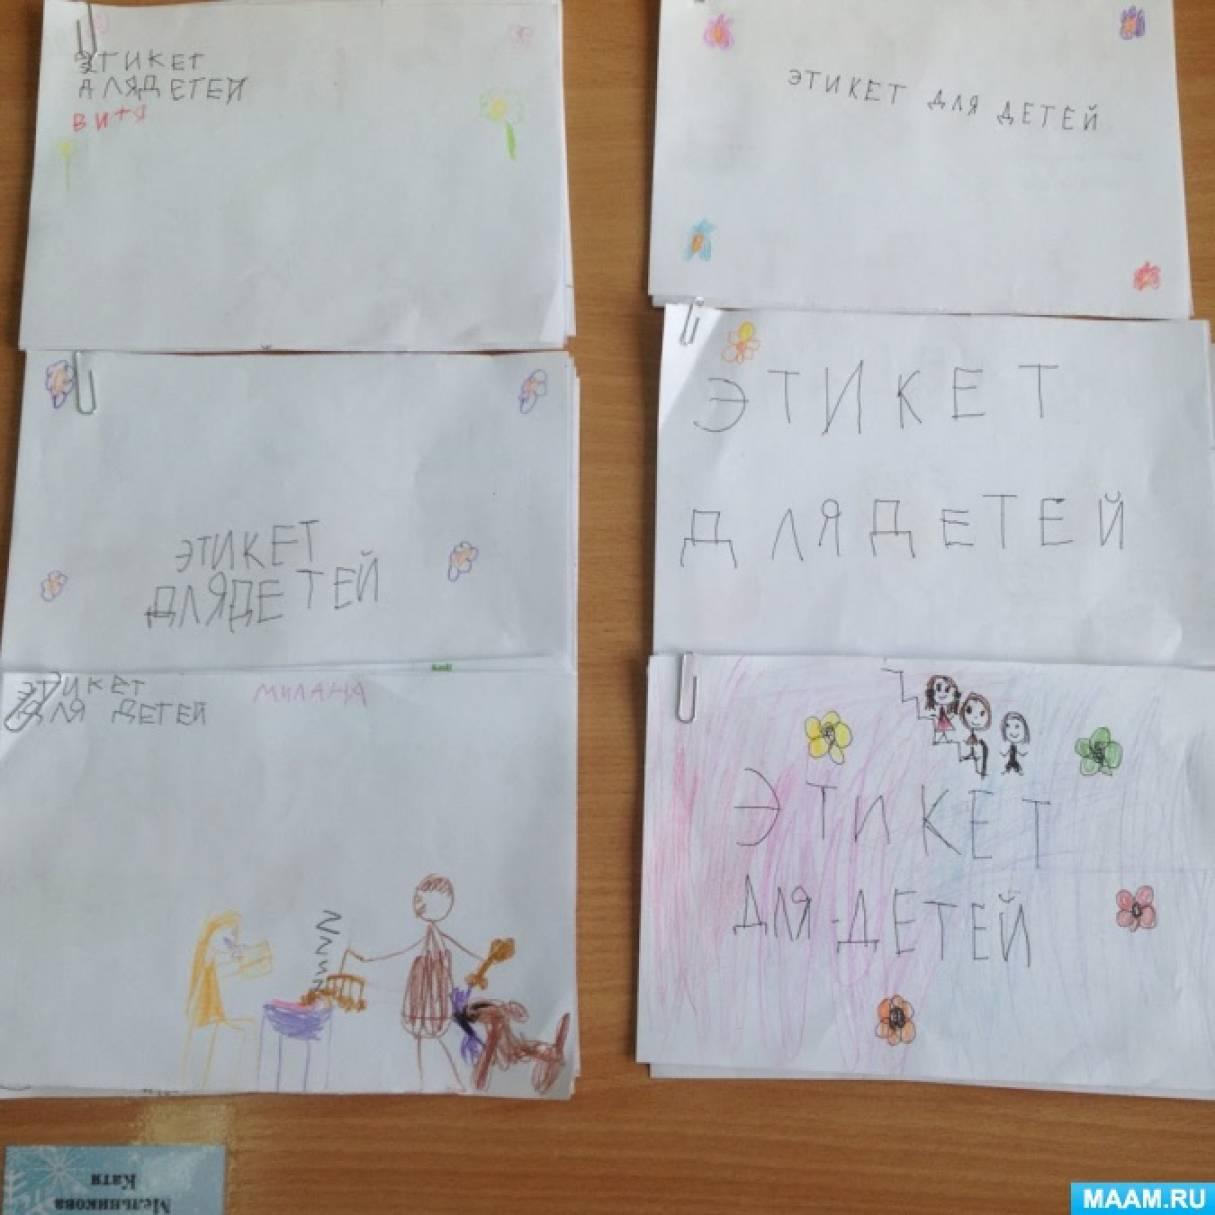 Фотоотчет «Делаем с детьми книжки-малышки по этикету»